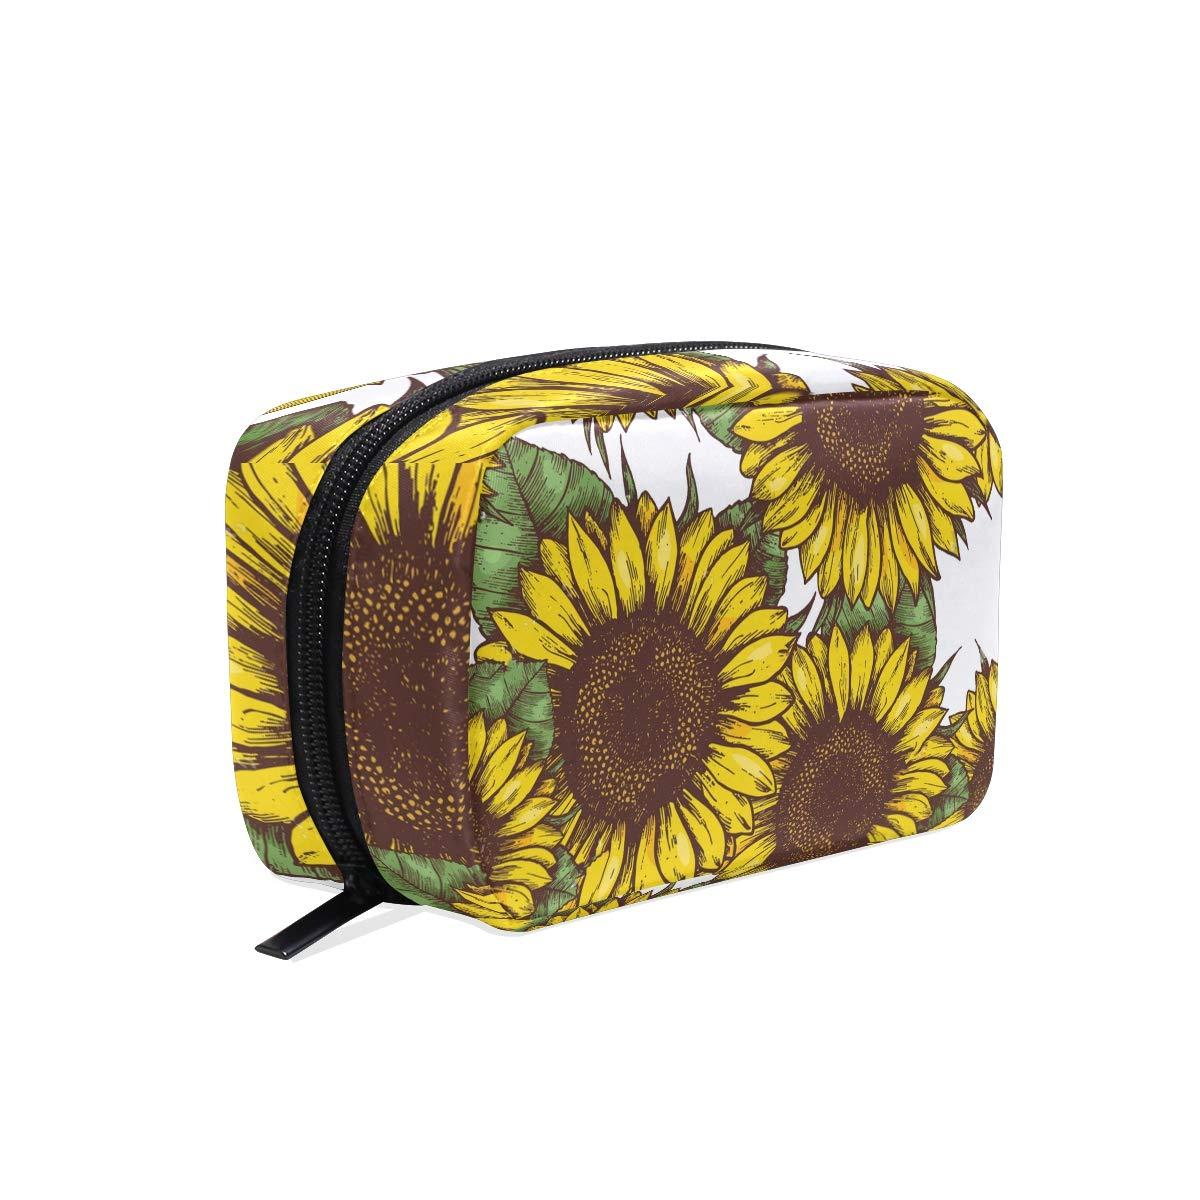 438e2df75fbe Amazon.com : Portable Organizer Makeup bag, Summer Sunflowers ...